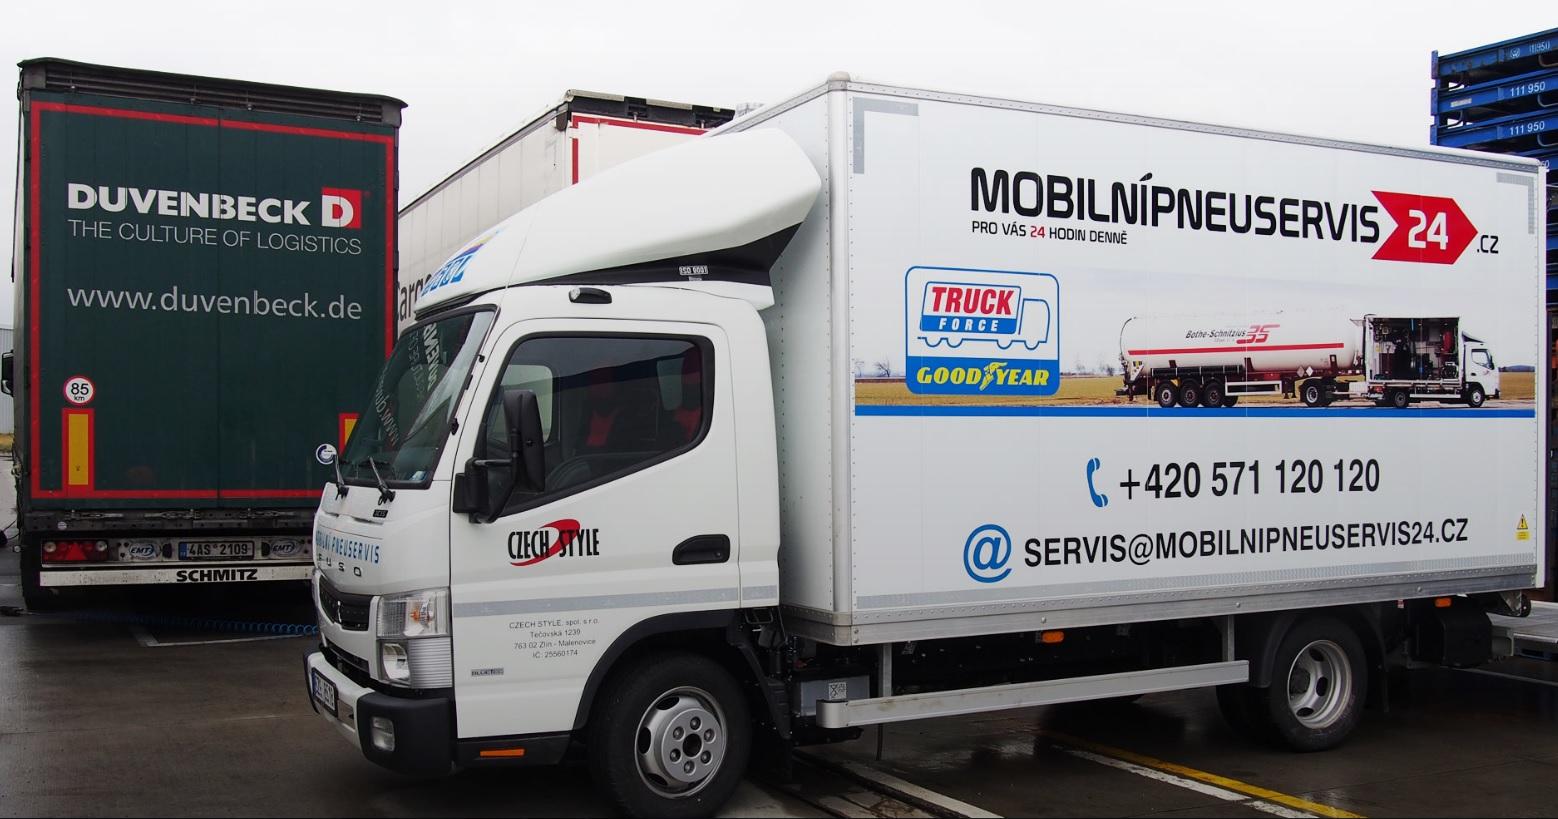 Síť mobilních pneuservisů, mobilní pneuservis k dispozici 24 hodin denně - pro osobní i nákladní vozy